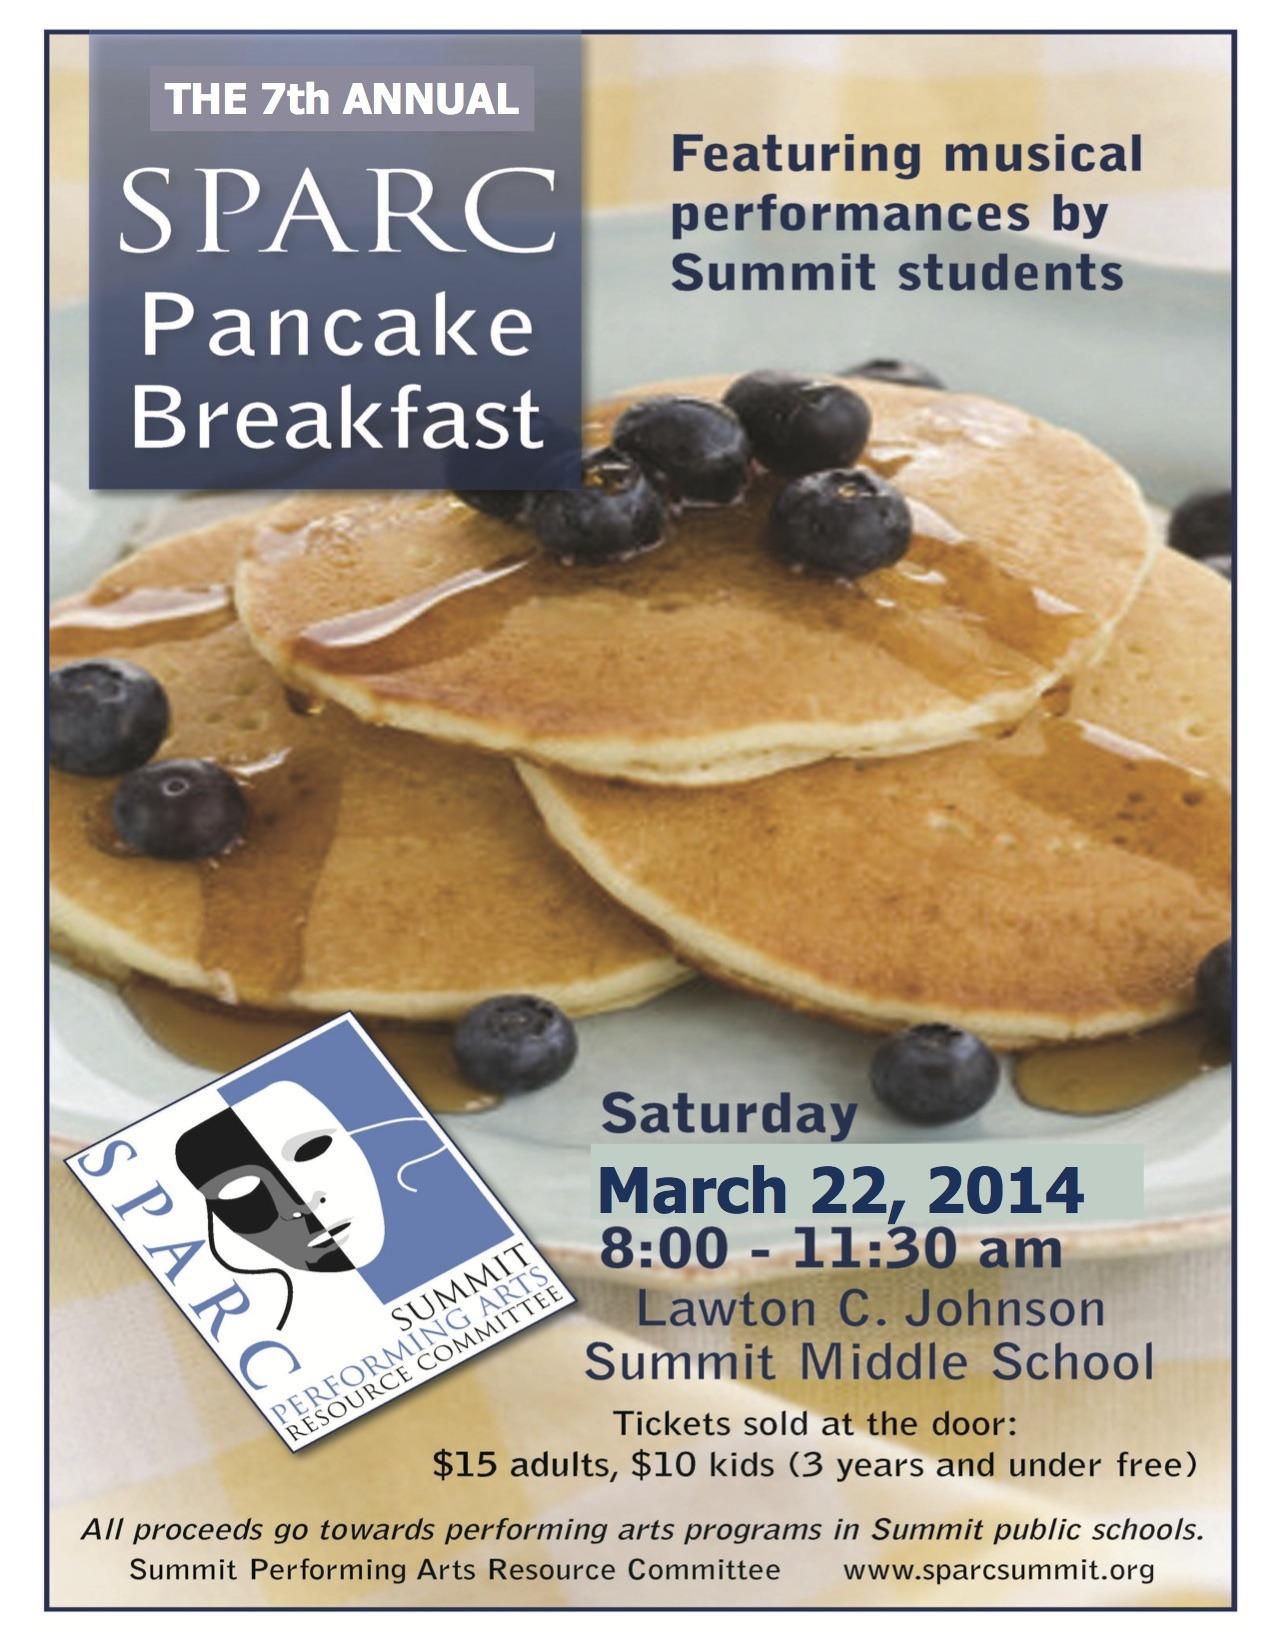 7a0a8d7c85b446148375_pancake_Poster-2014.jpg